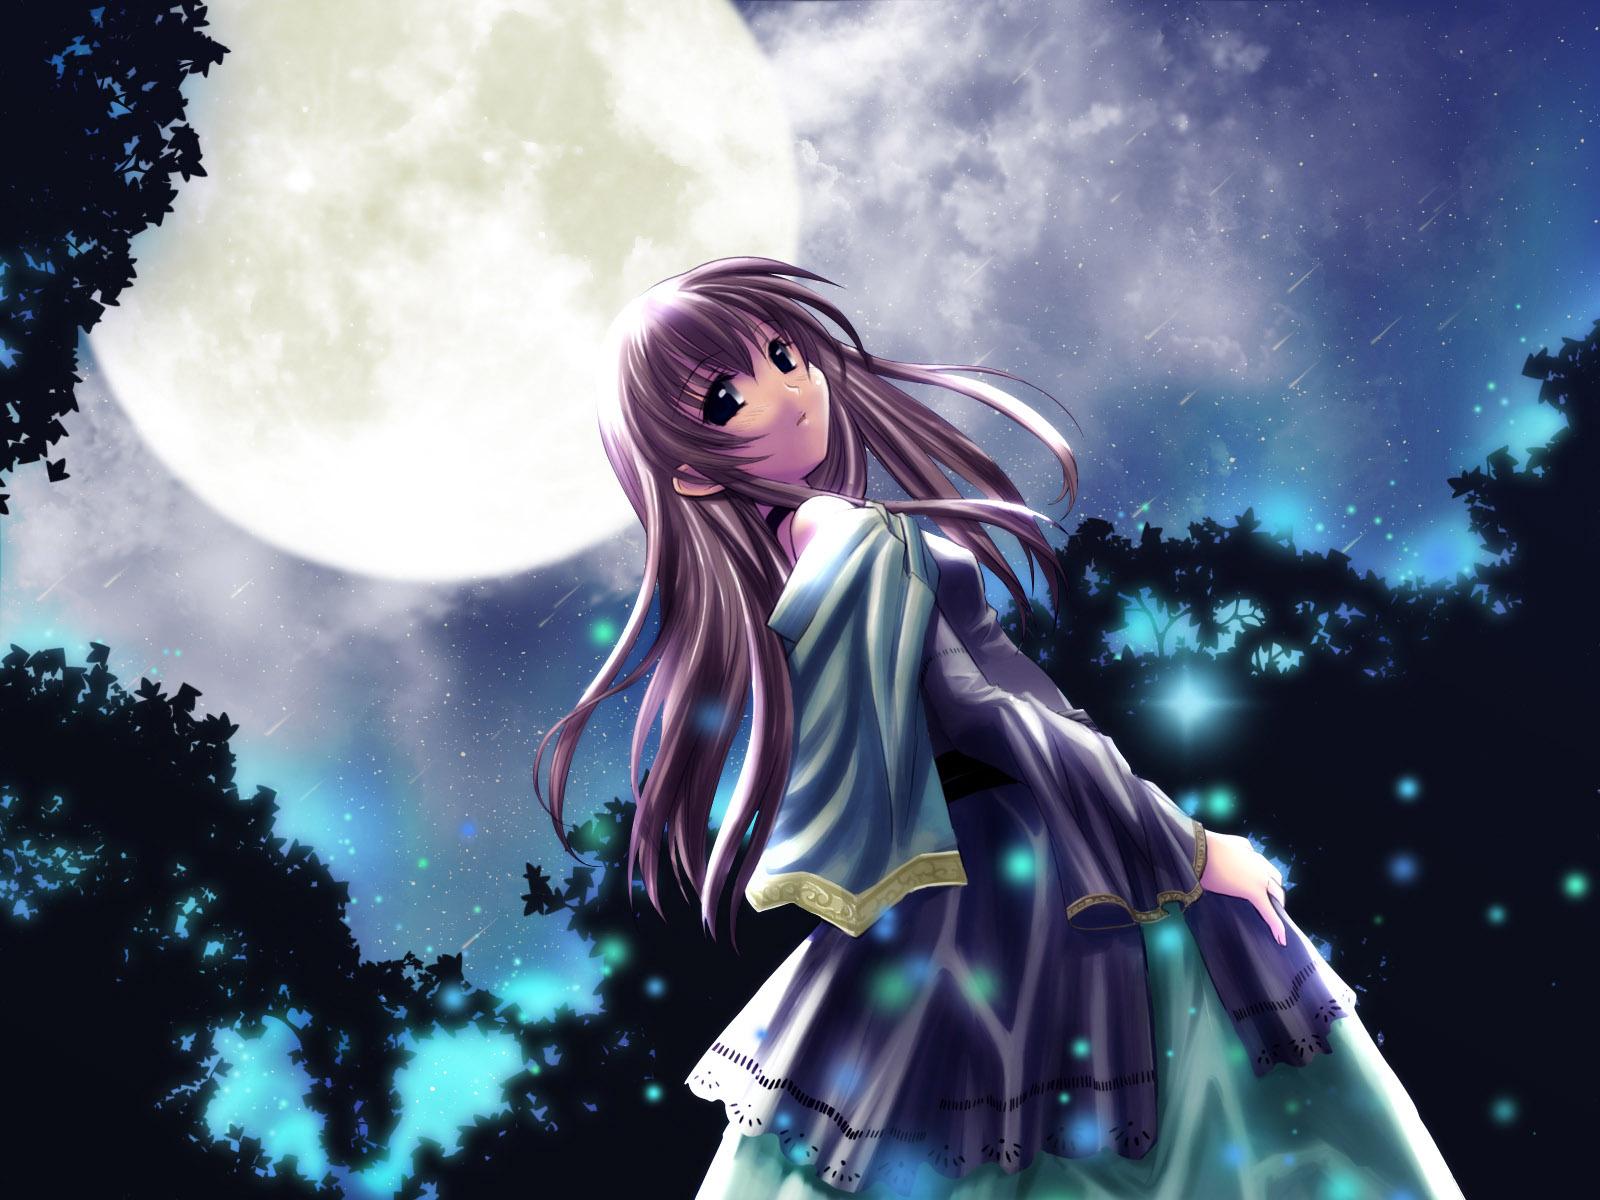 Anime Girl Under The Moon